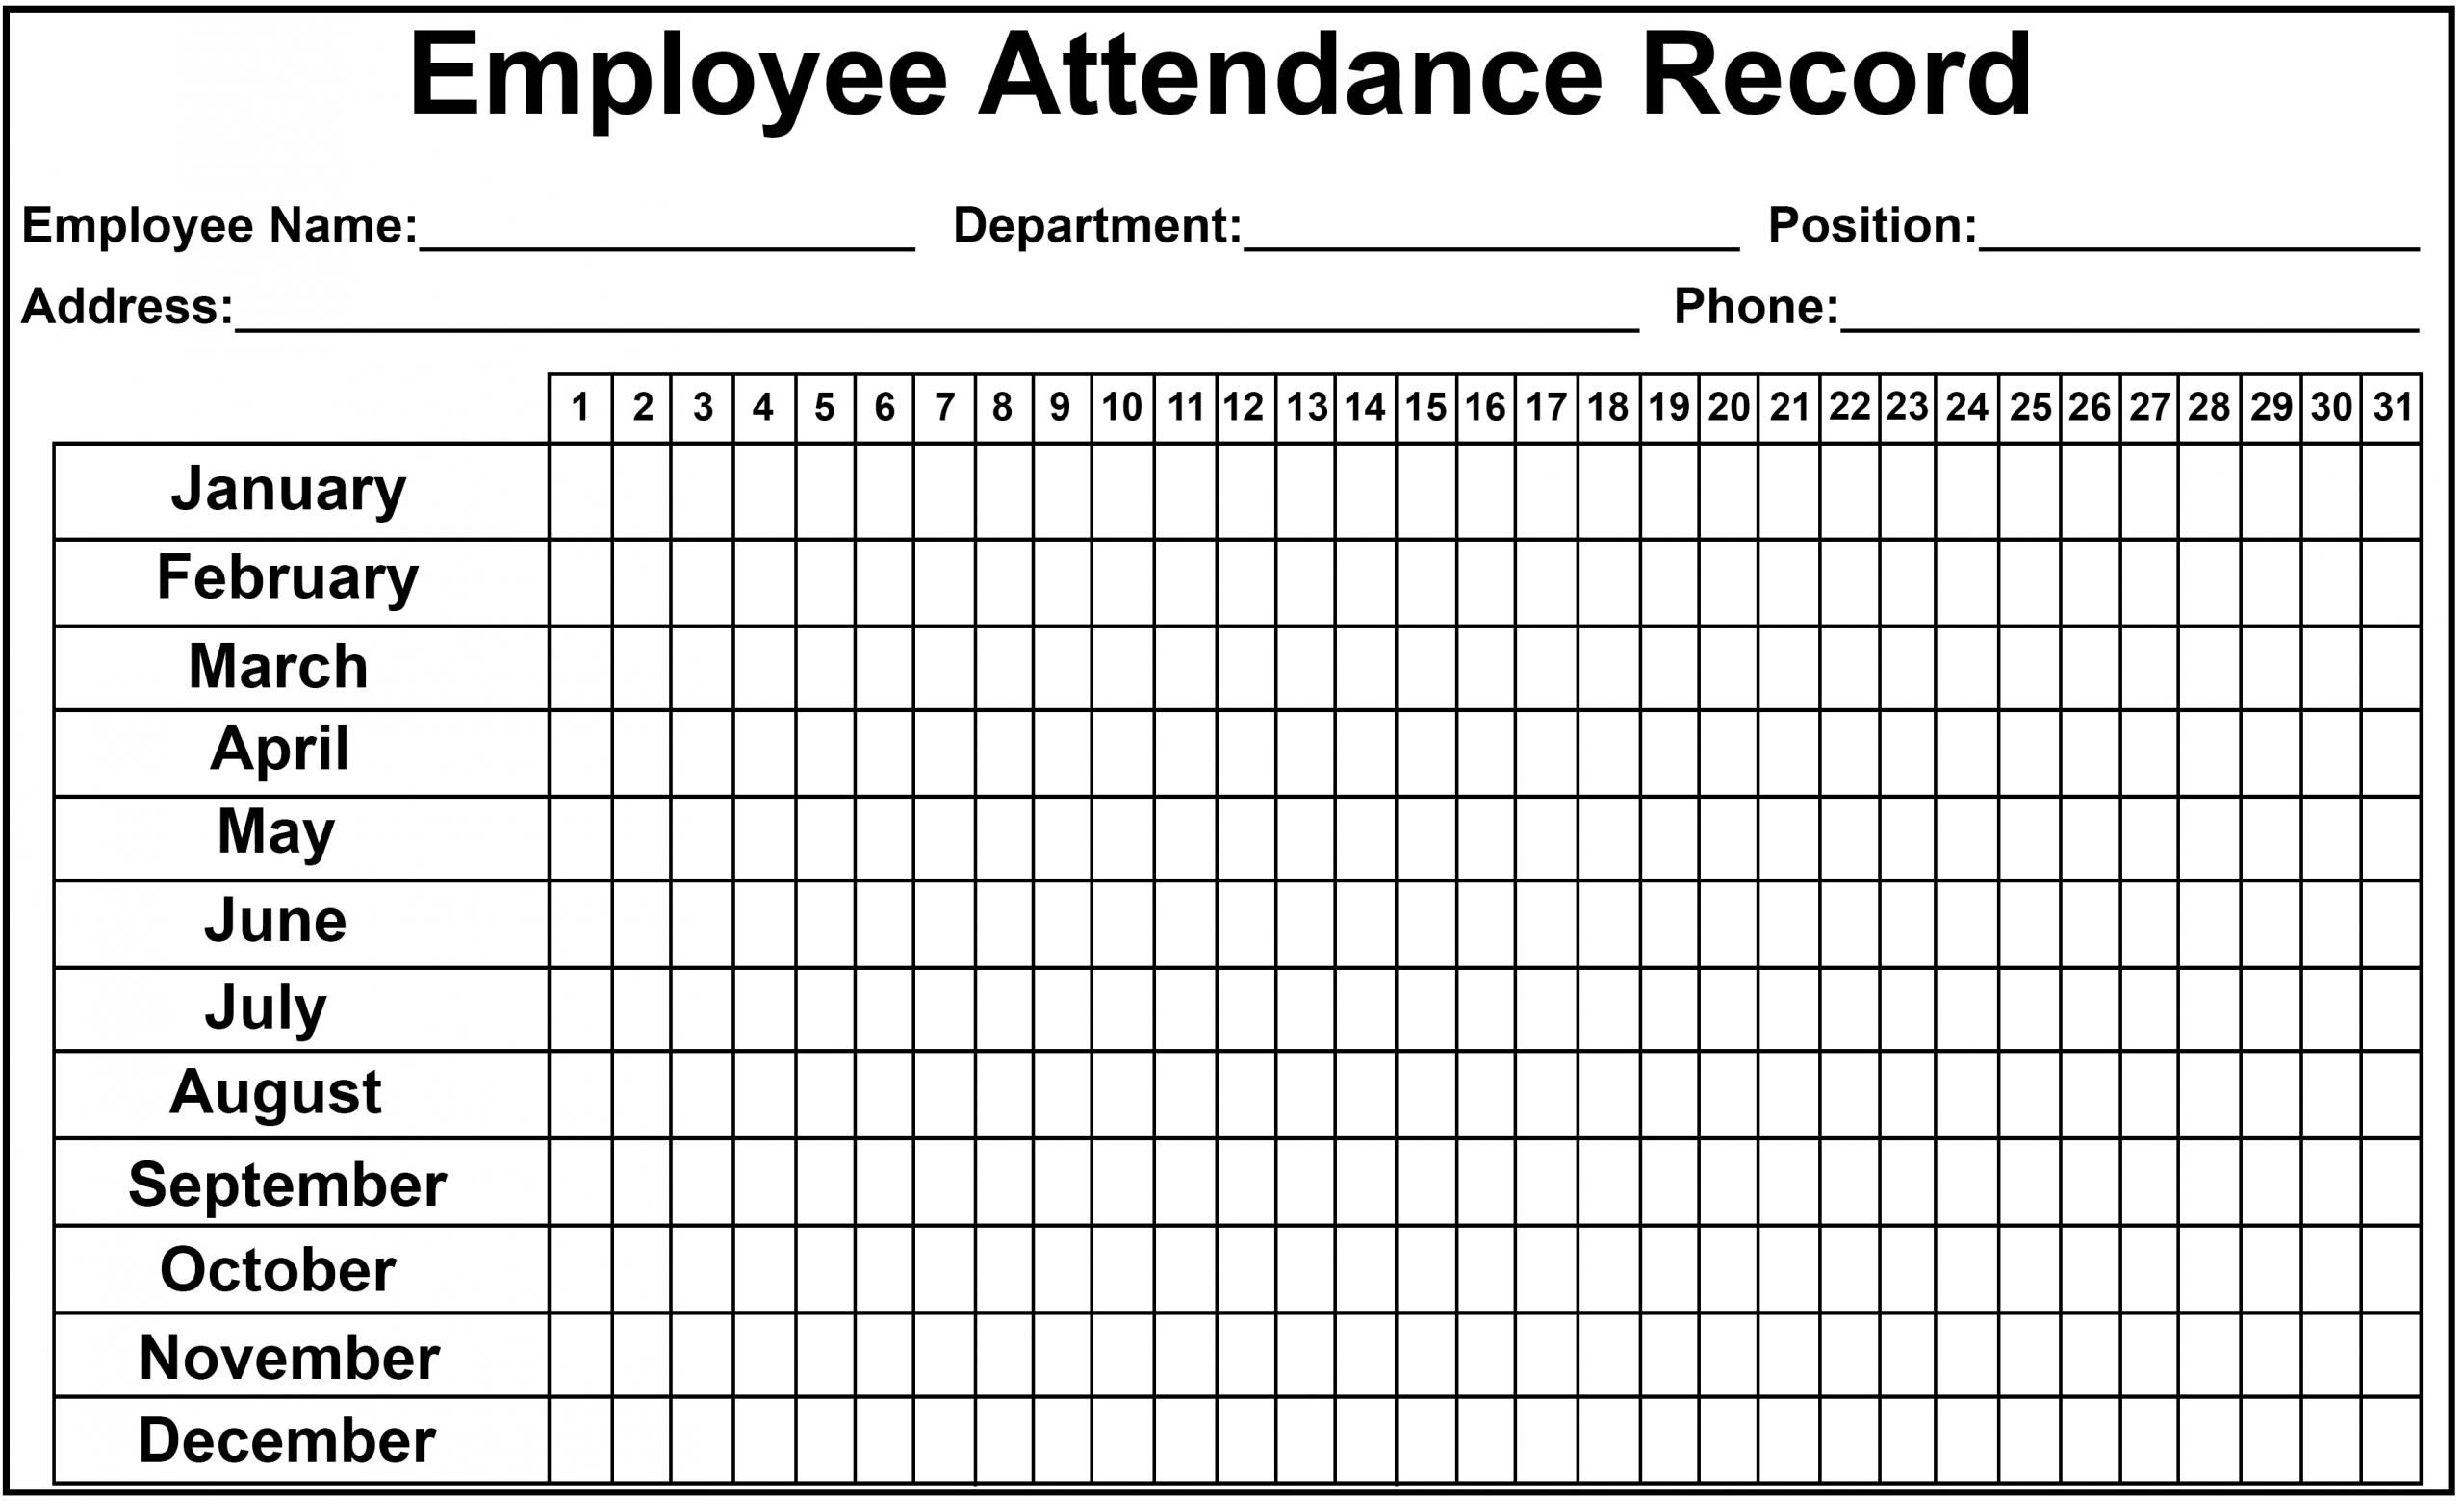 Employee Attendance Tracker Sheet 2019